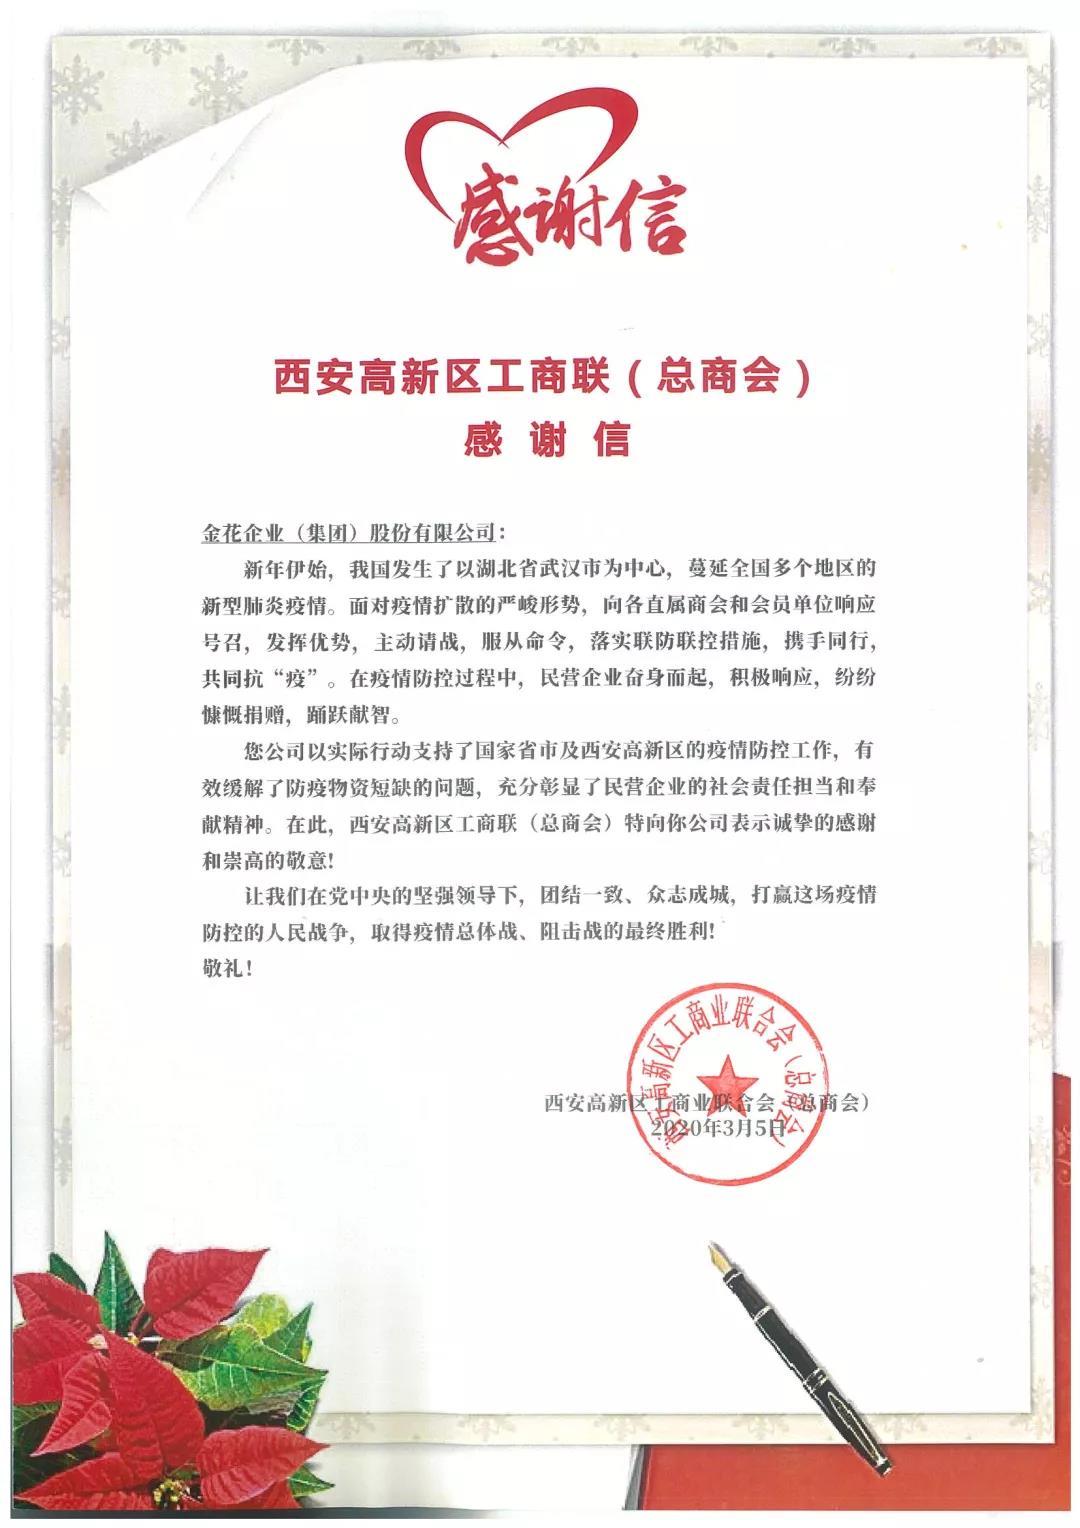 中共西安高新区工委统战部向金花颁发抗疫表彰锦旗